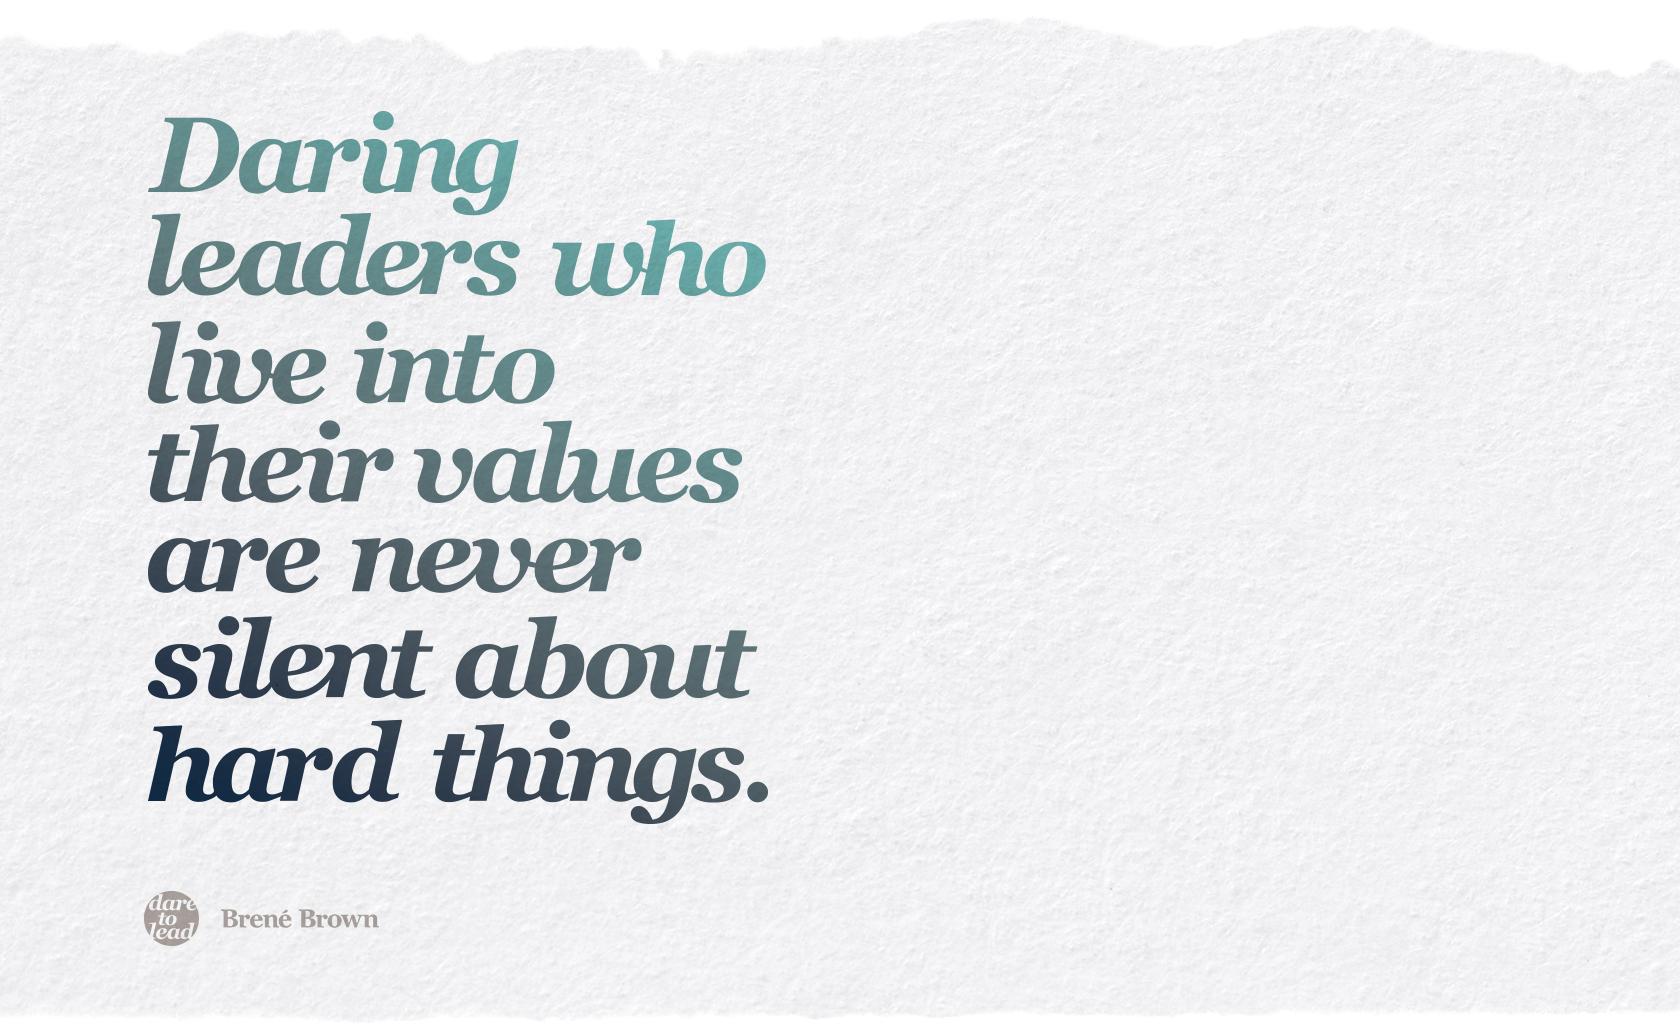 Daring leaders.jpg